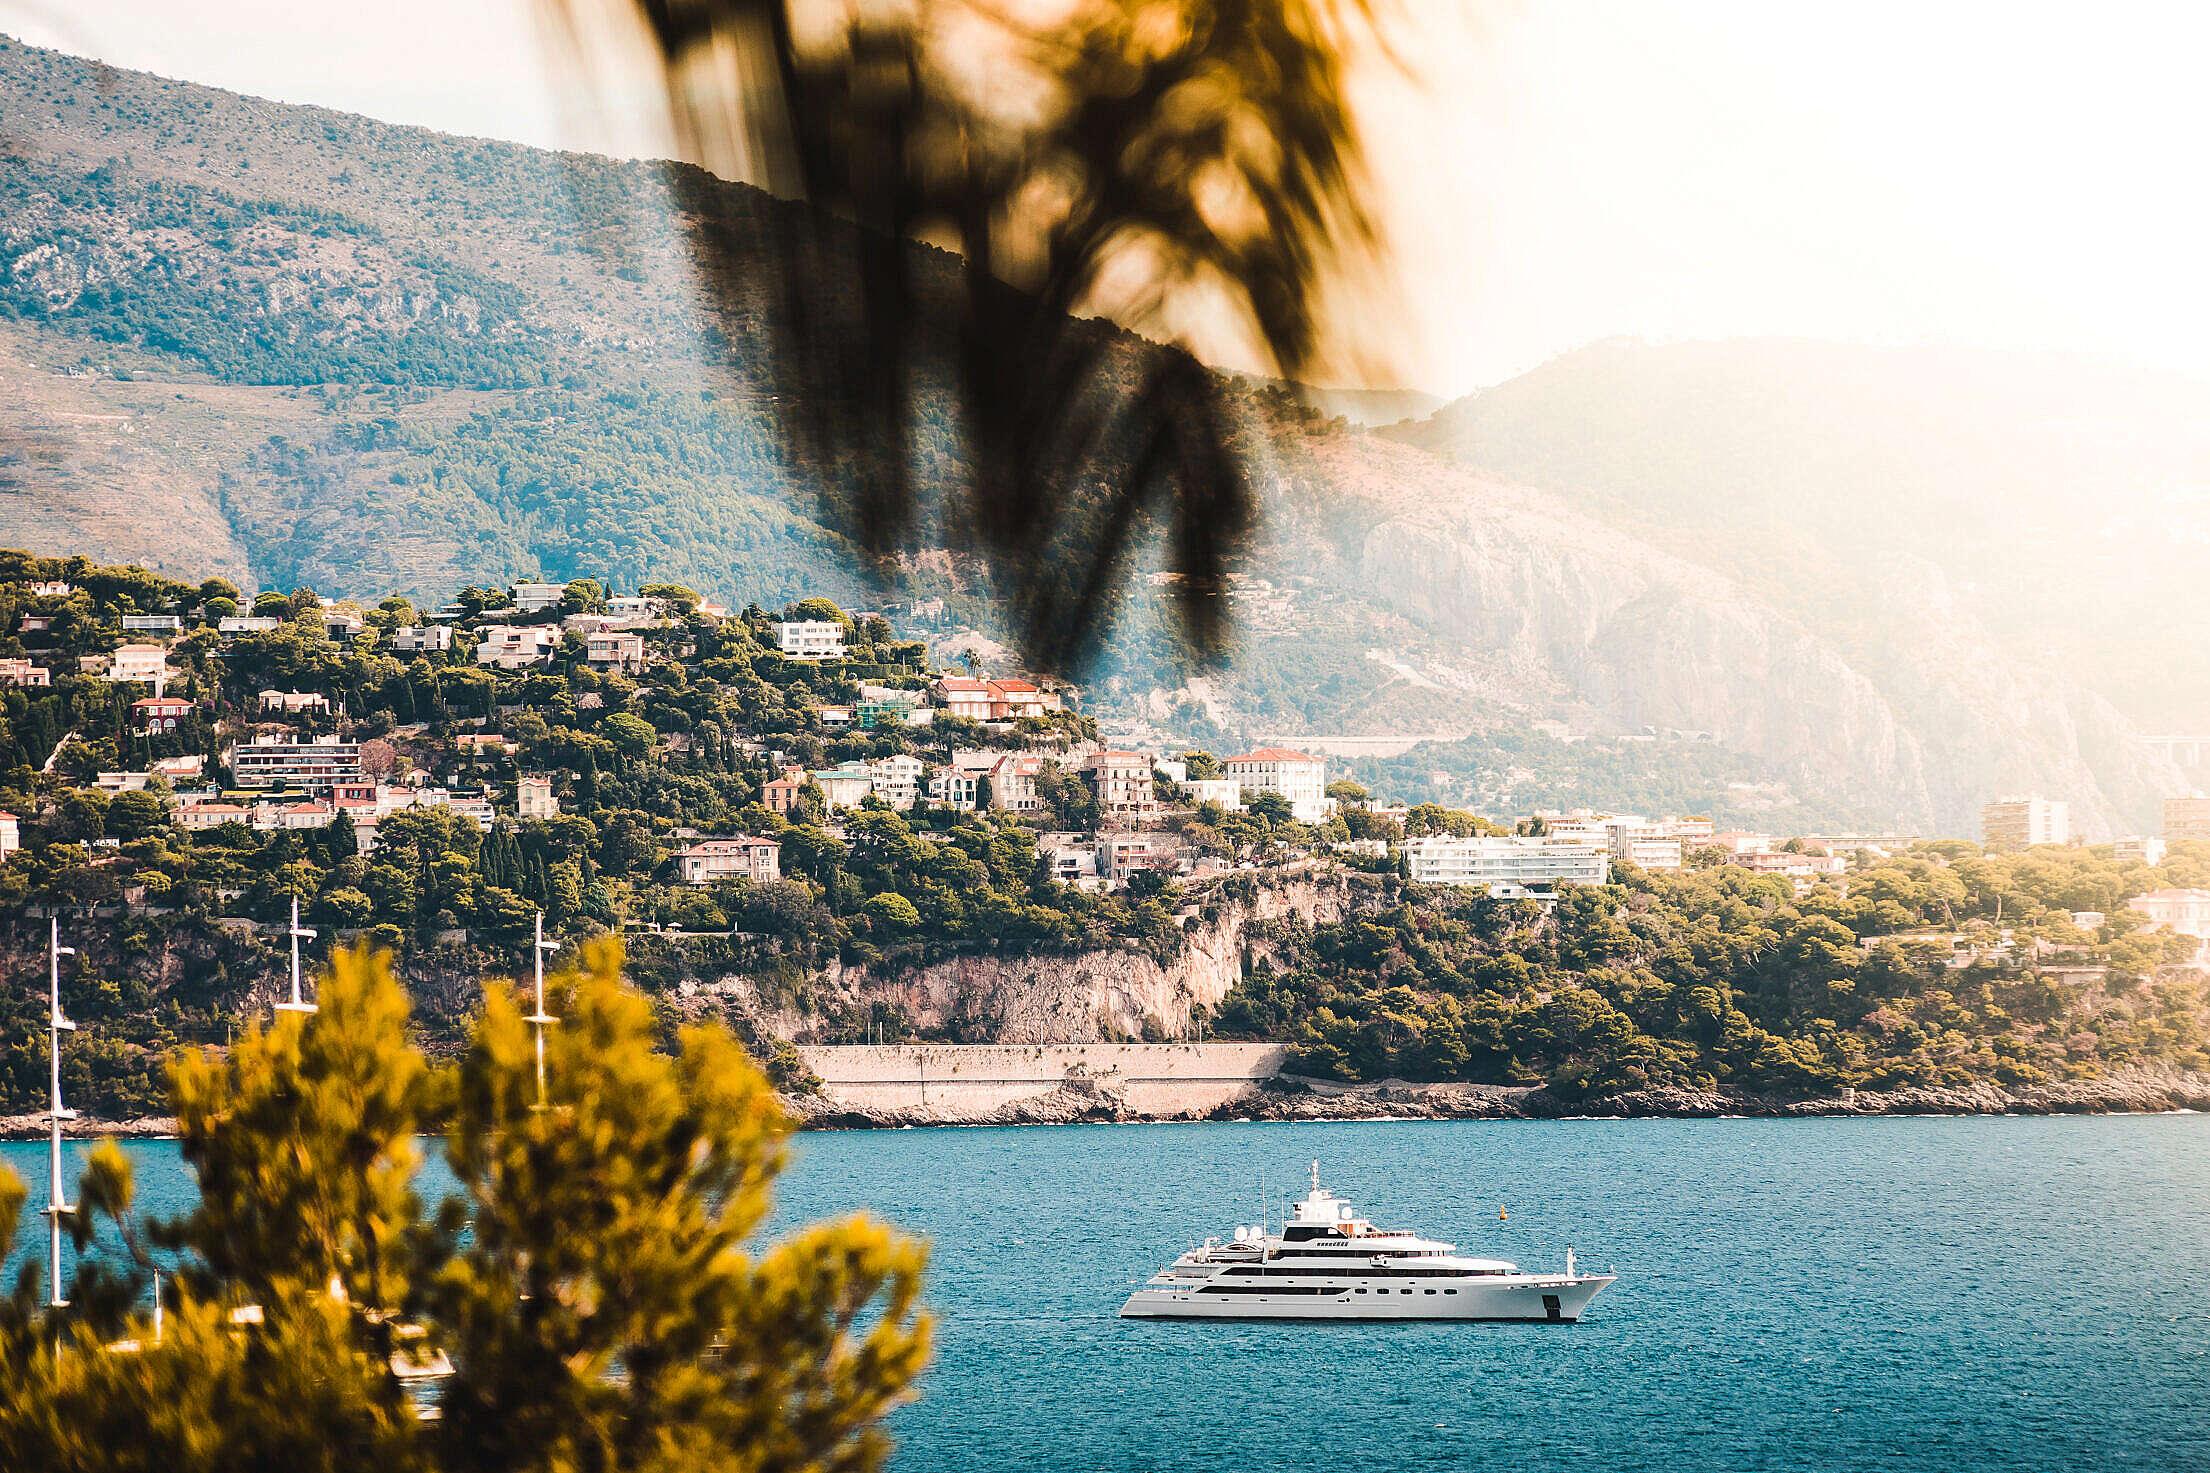 Panoramic View of Yacht in Monaco Free Stock Photo